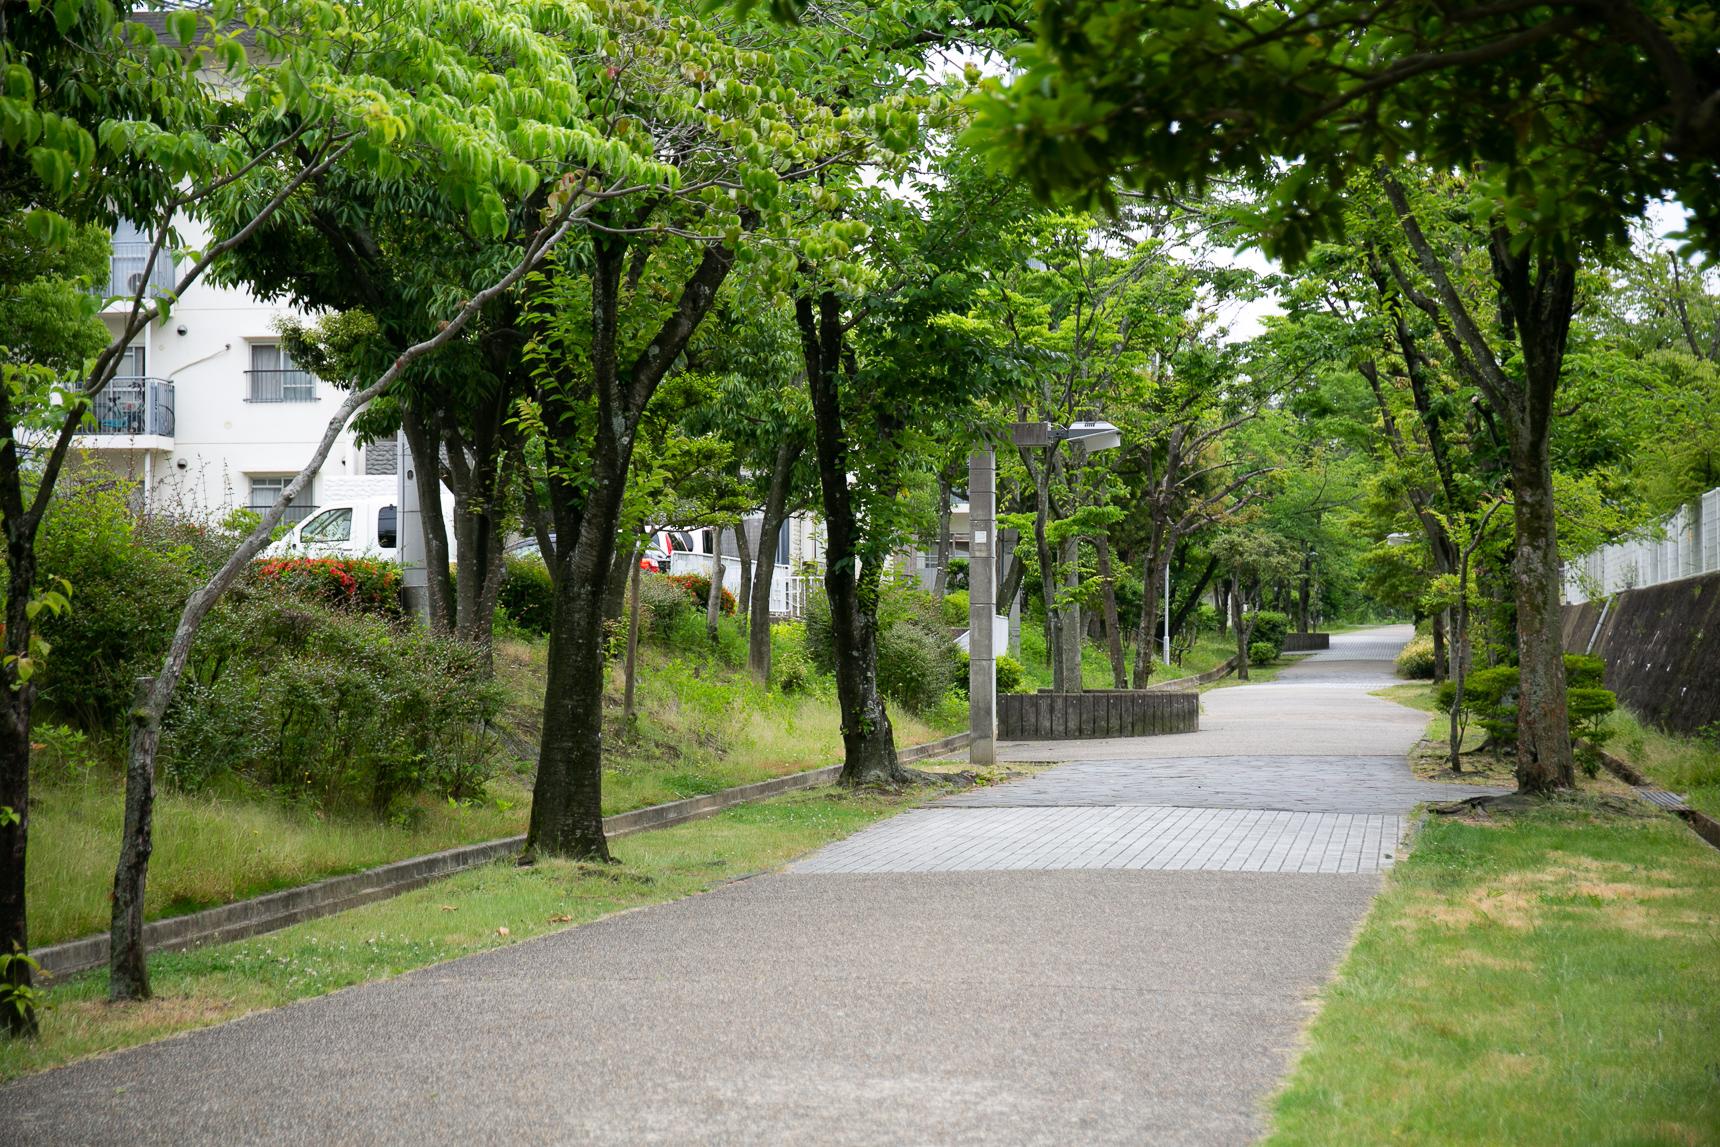 バス停からは、緑道を通っていきます。車通りがないのでのんびり歩けます。